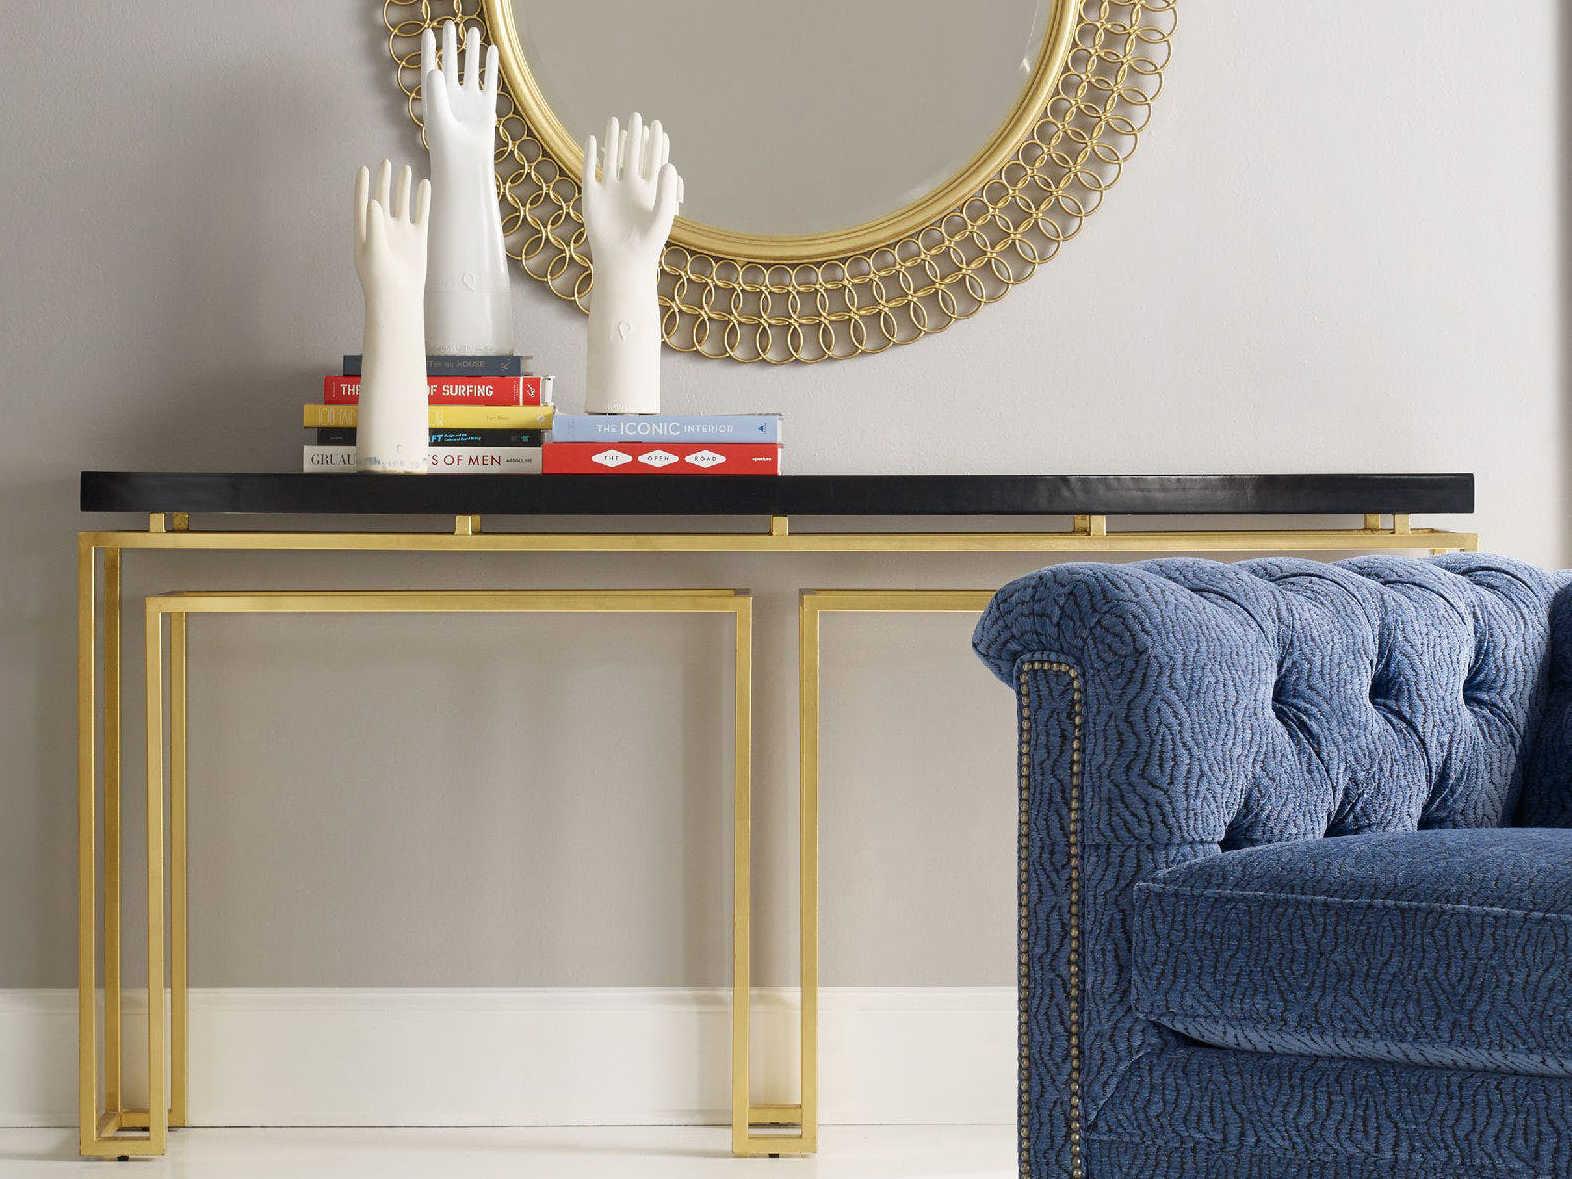 Hooker Furniture Cynthia Rowley Black With Gold Leaf 70u0027u0027L X 14u0027u0027 ...